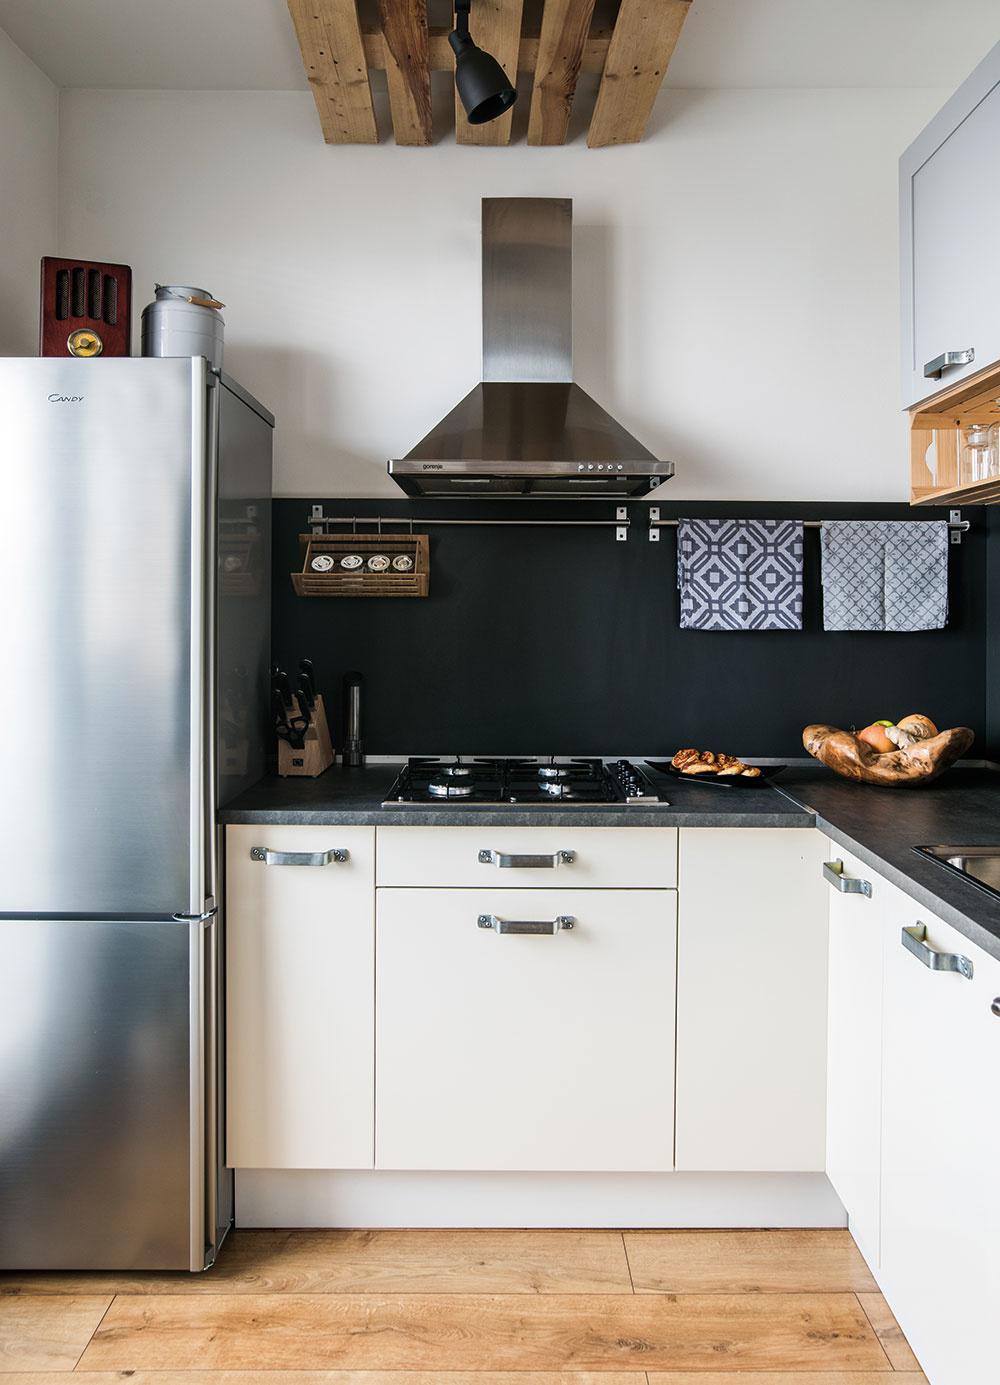 Biele spodné skrinky kuchynskej linky sú jediným nábytkom, ktorý ostal vbyte zniekdajšieho zariadenia. Miro ich doplnil hornými strochu iným dezénom aj farbou avšetko prepojil čiernou pracovnou doskou azástenou. Kzladeniu prispeli aj originálne úchytky – pôvodným určením držadlá na debny.